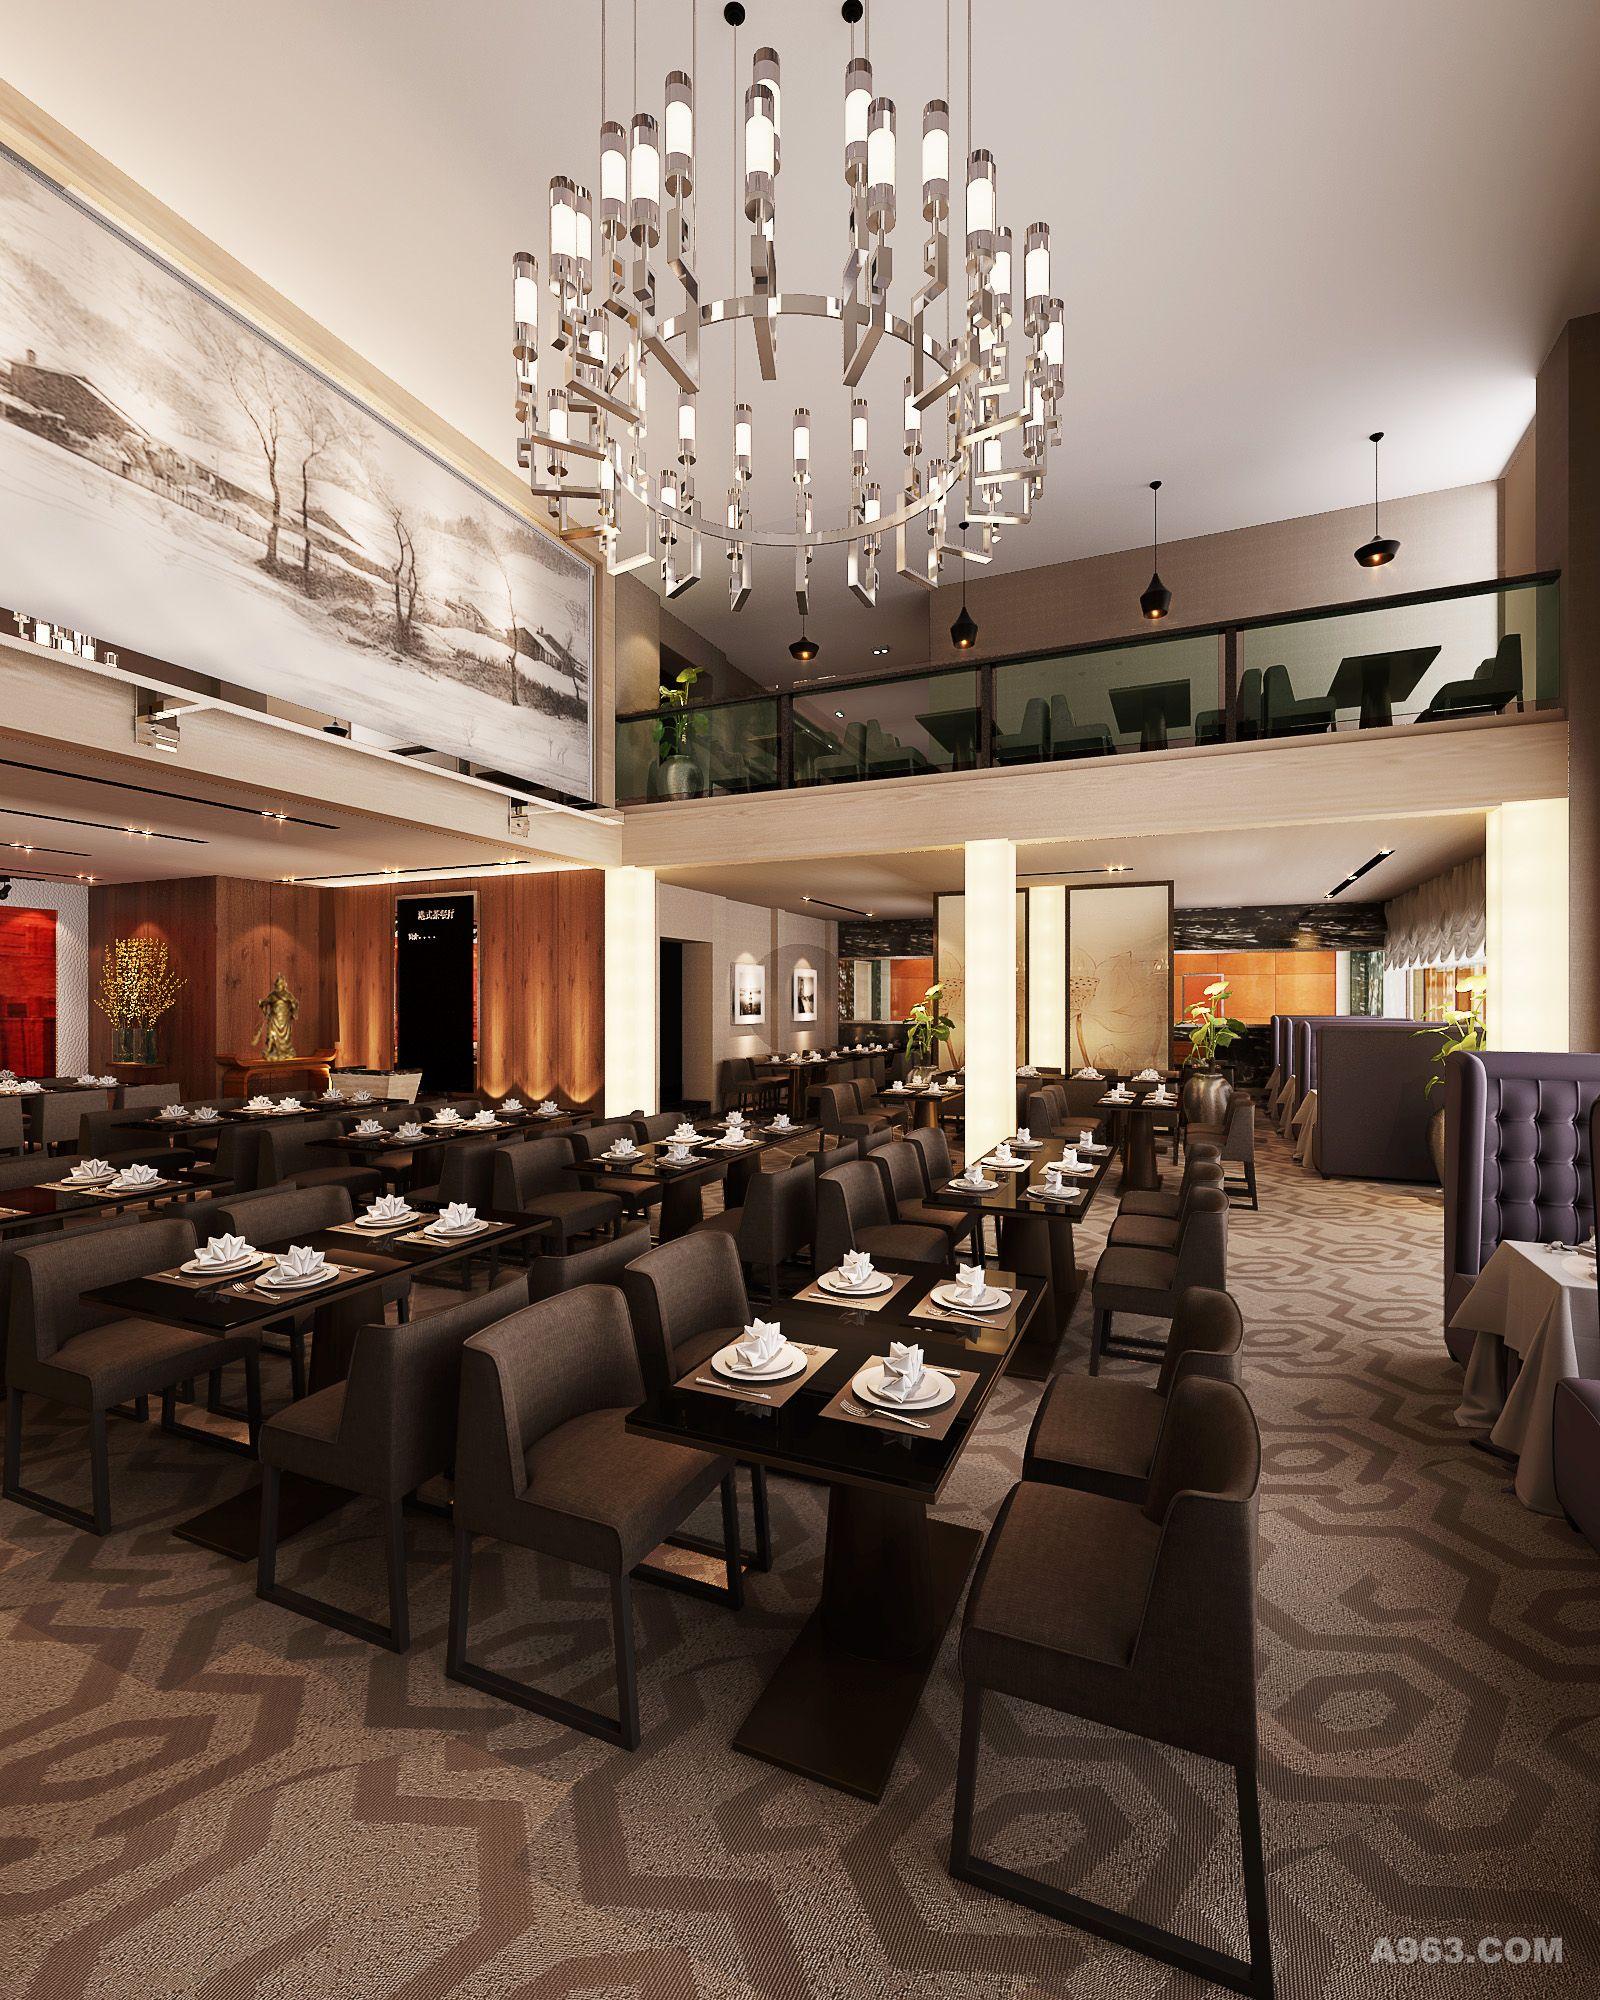 本茶餐厅的设计延续了港式茶餐厅的发展特点,体现了文化的多元化,让